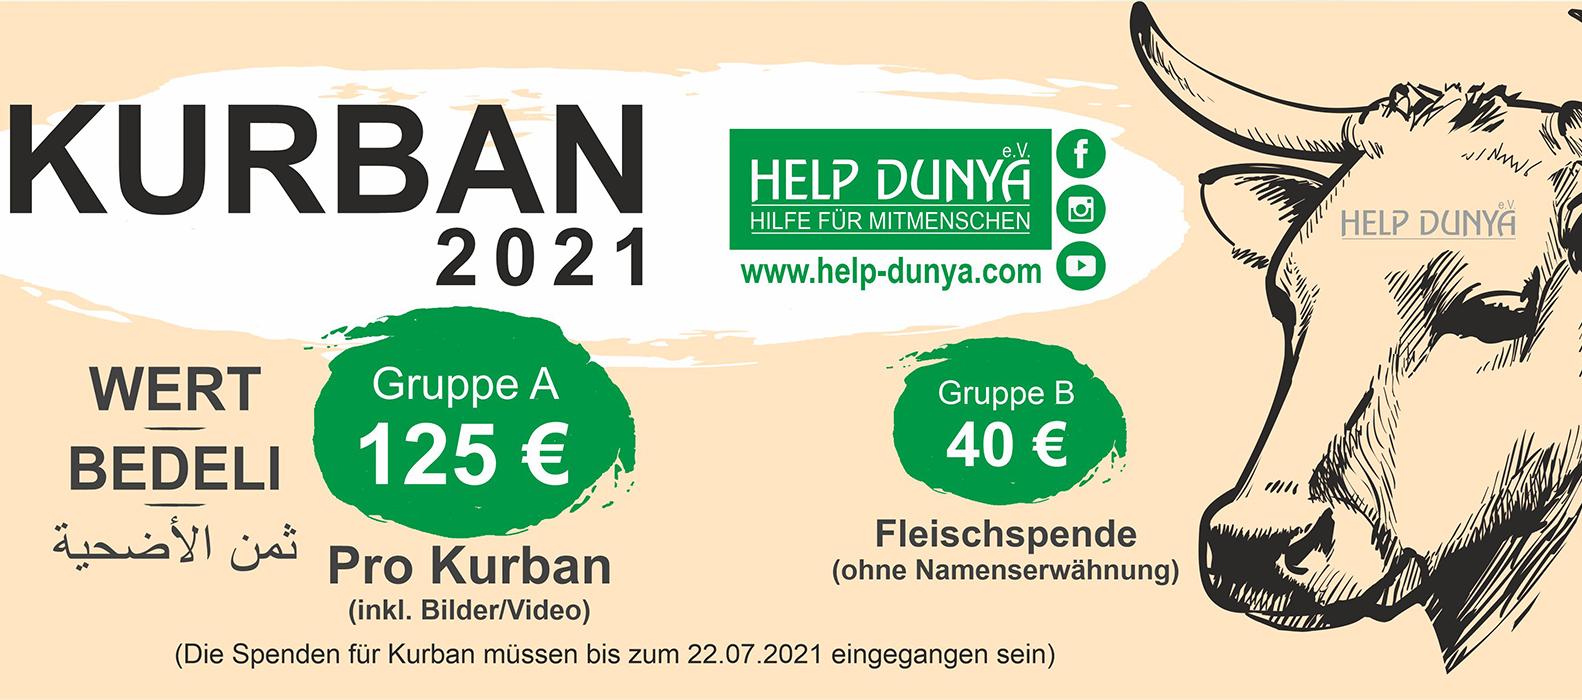 Help-Dunya-Kurban 2021